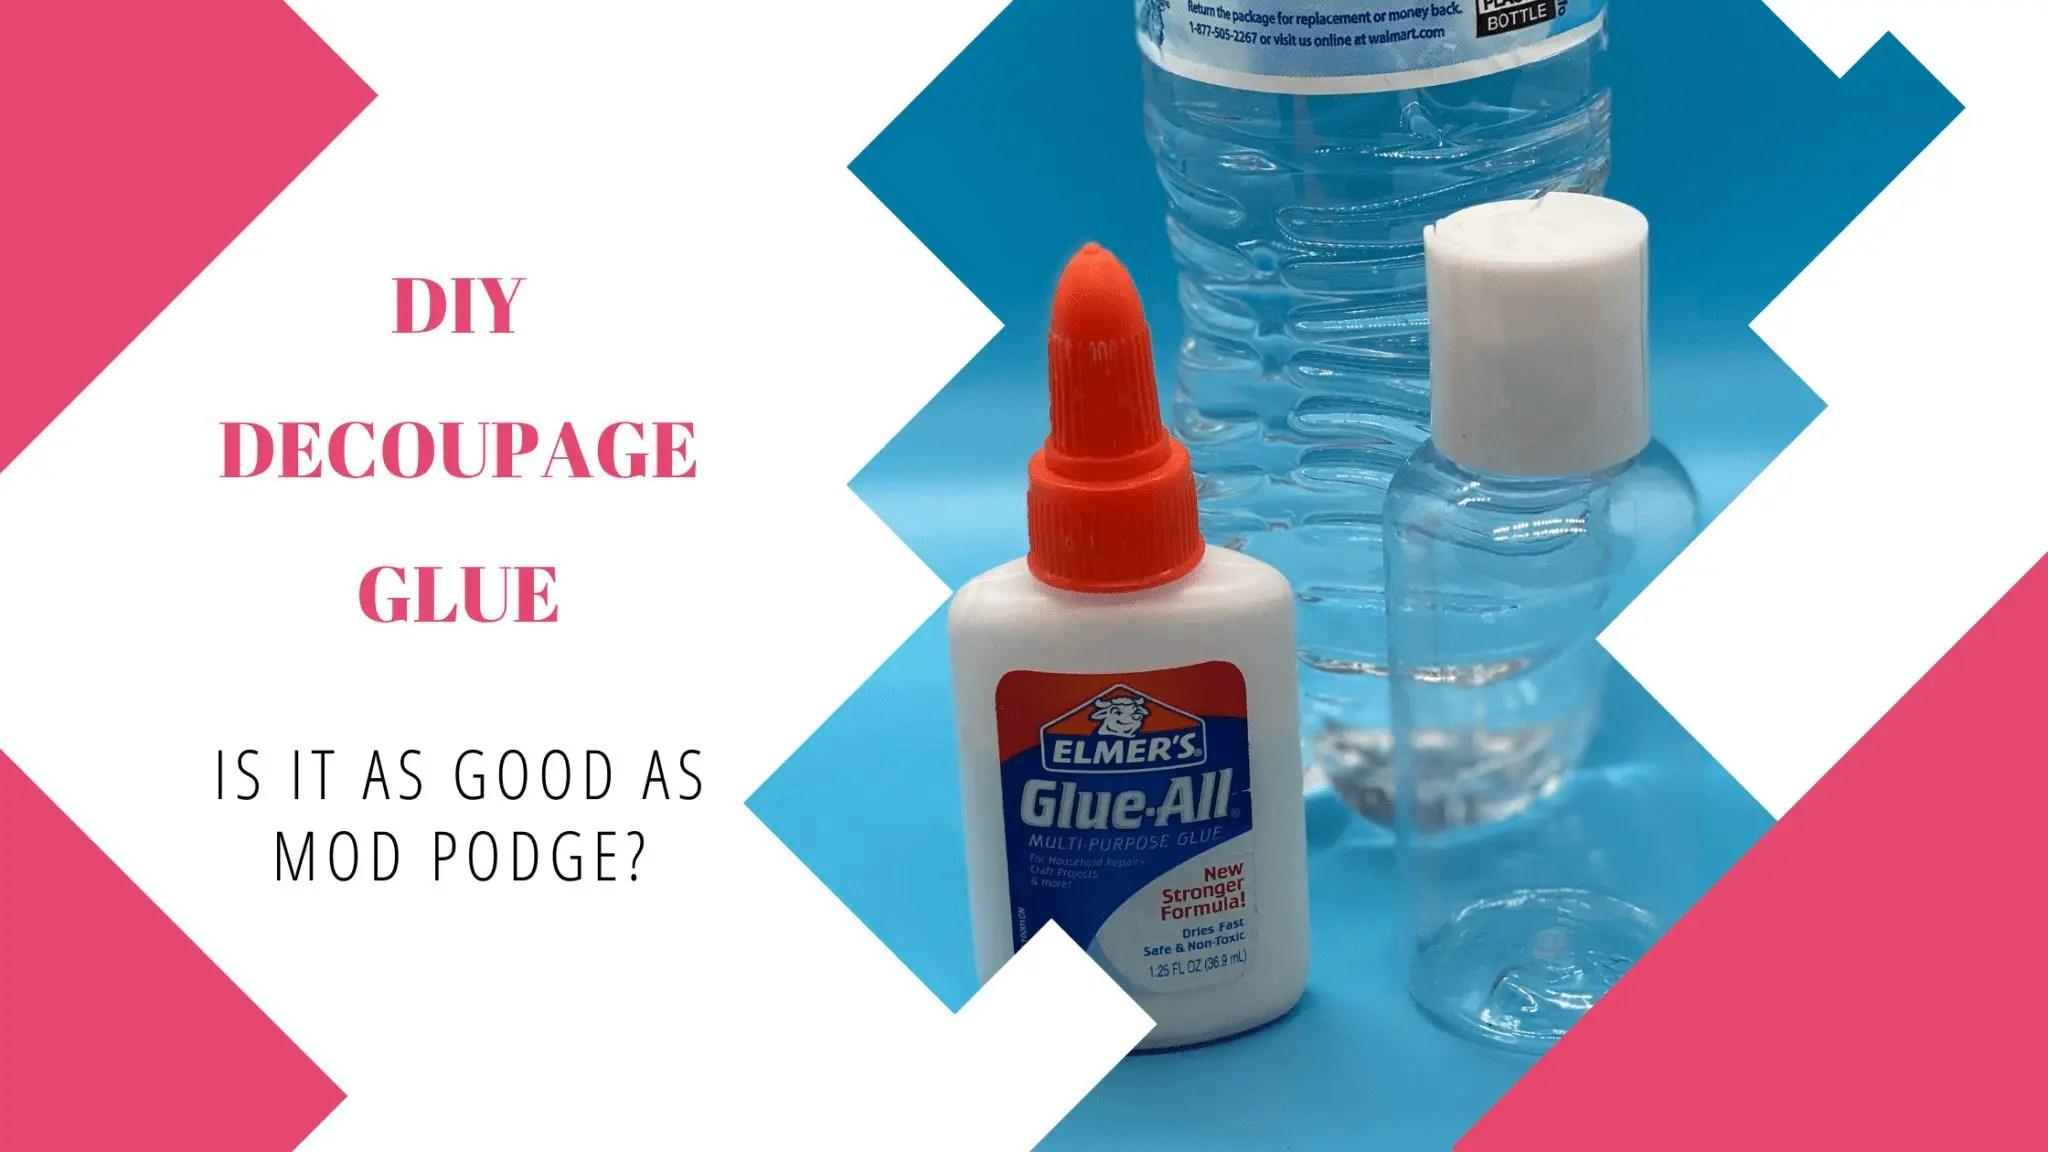 DIY Decoupage Glue